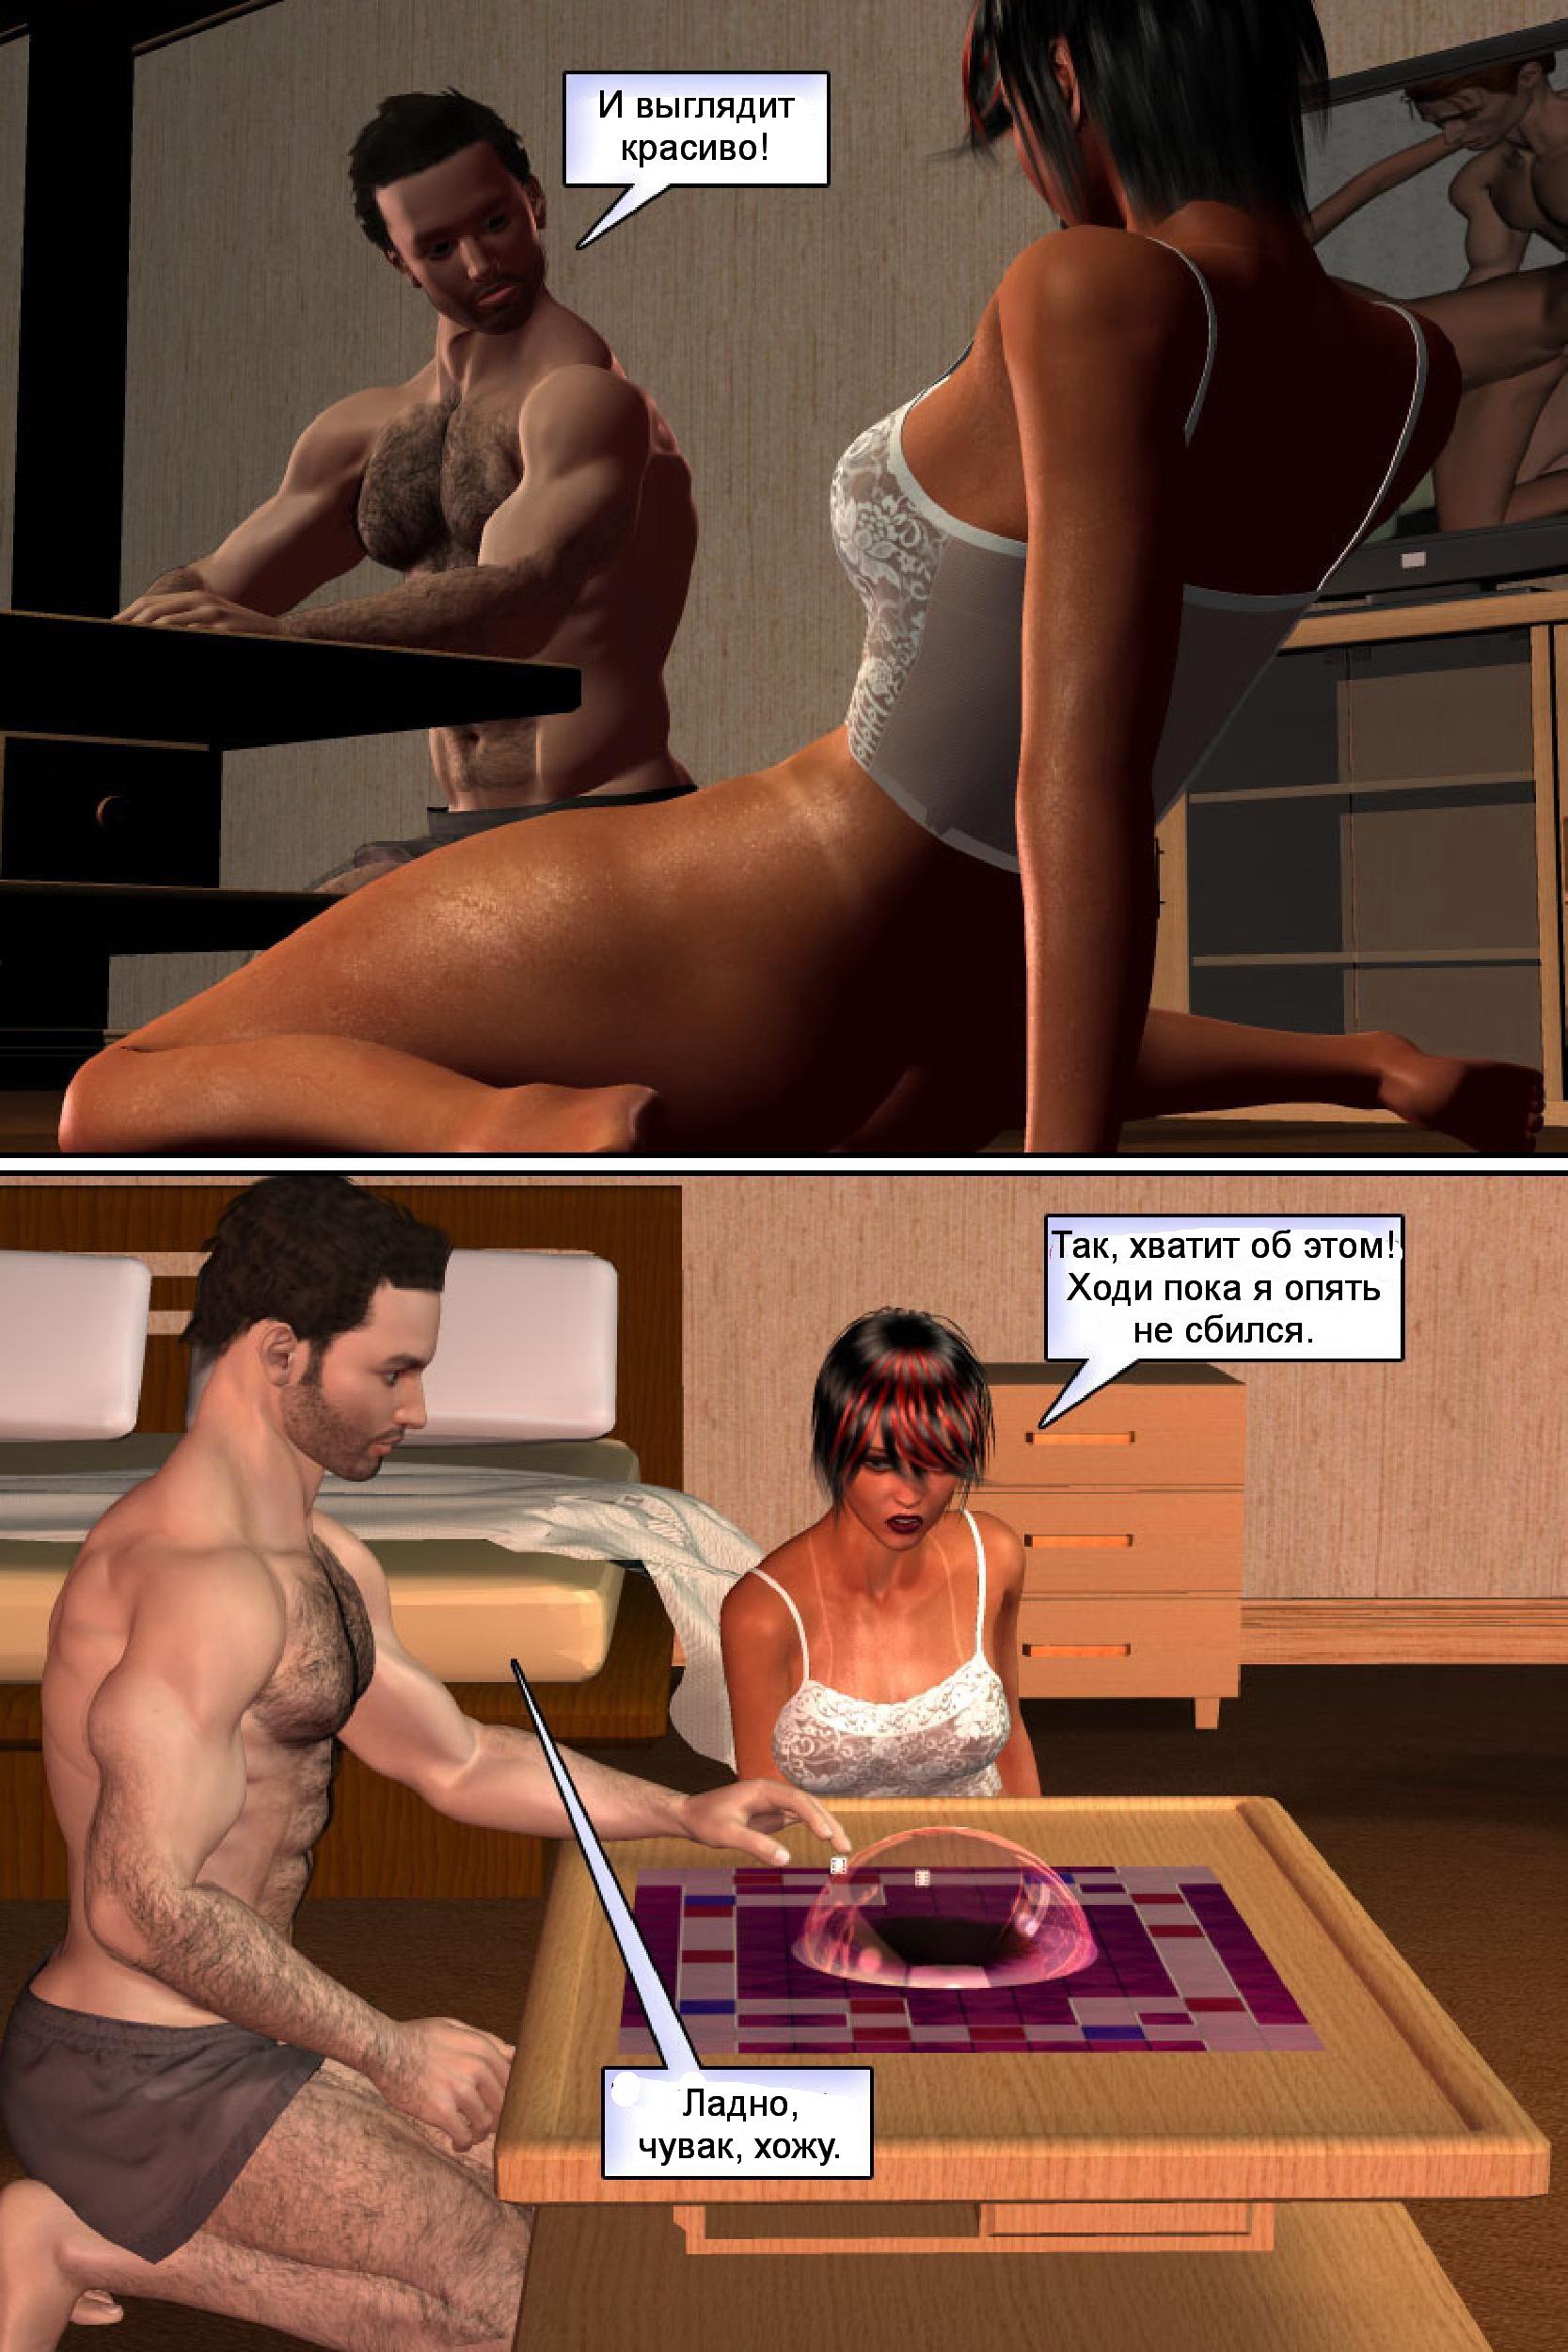 domashnee-seks-igri-video